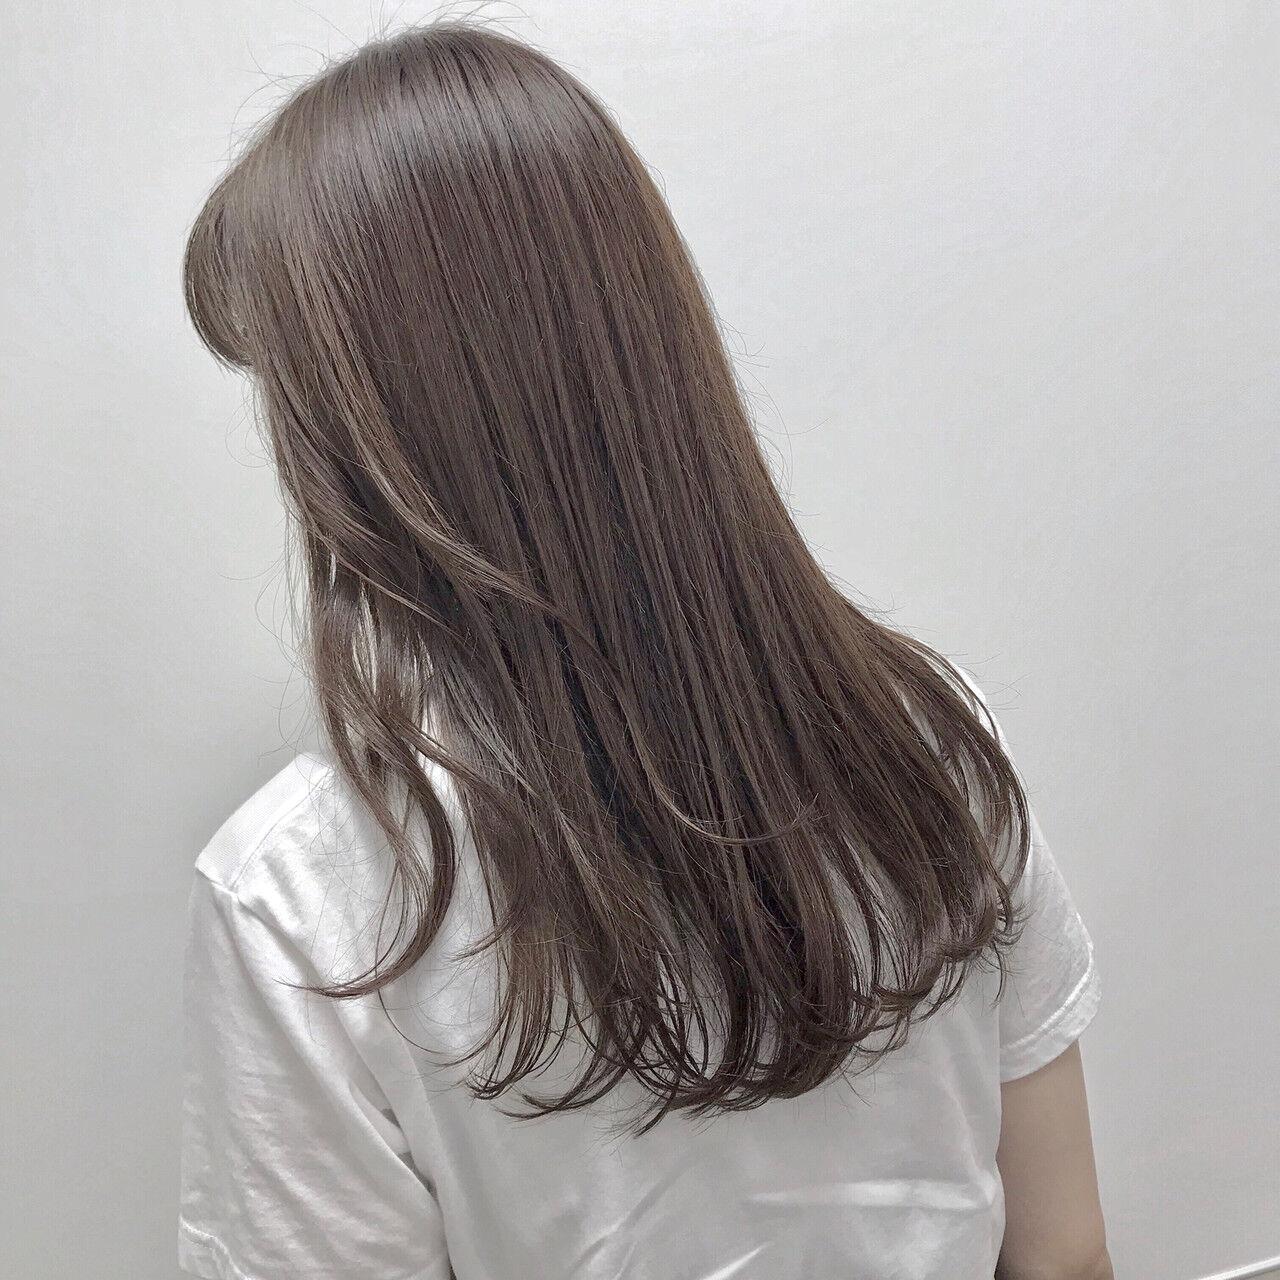 大人カジュアル 福岡市 ロング ラベンダーアッシュヘアスタイルや髪型の写真・画像